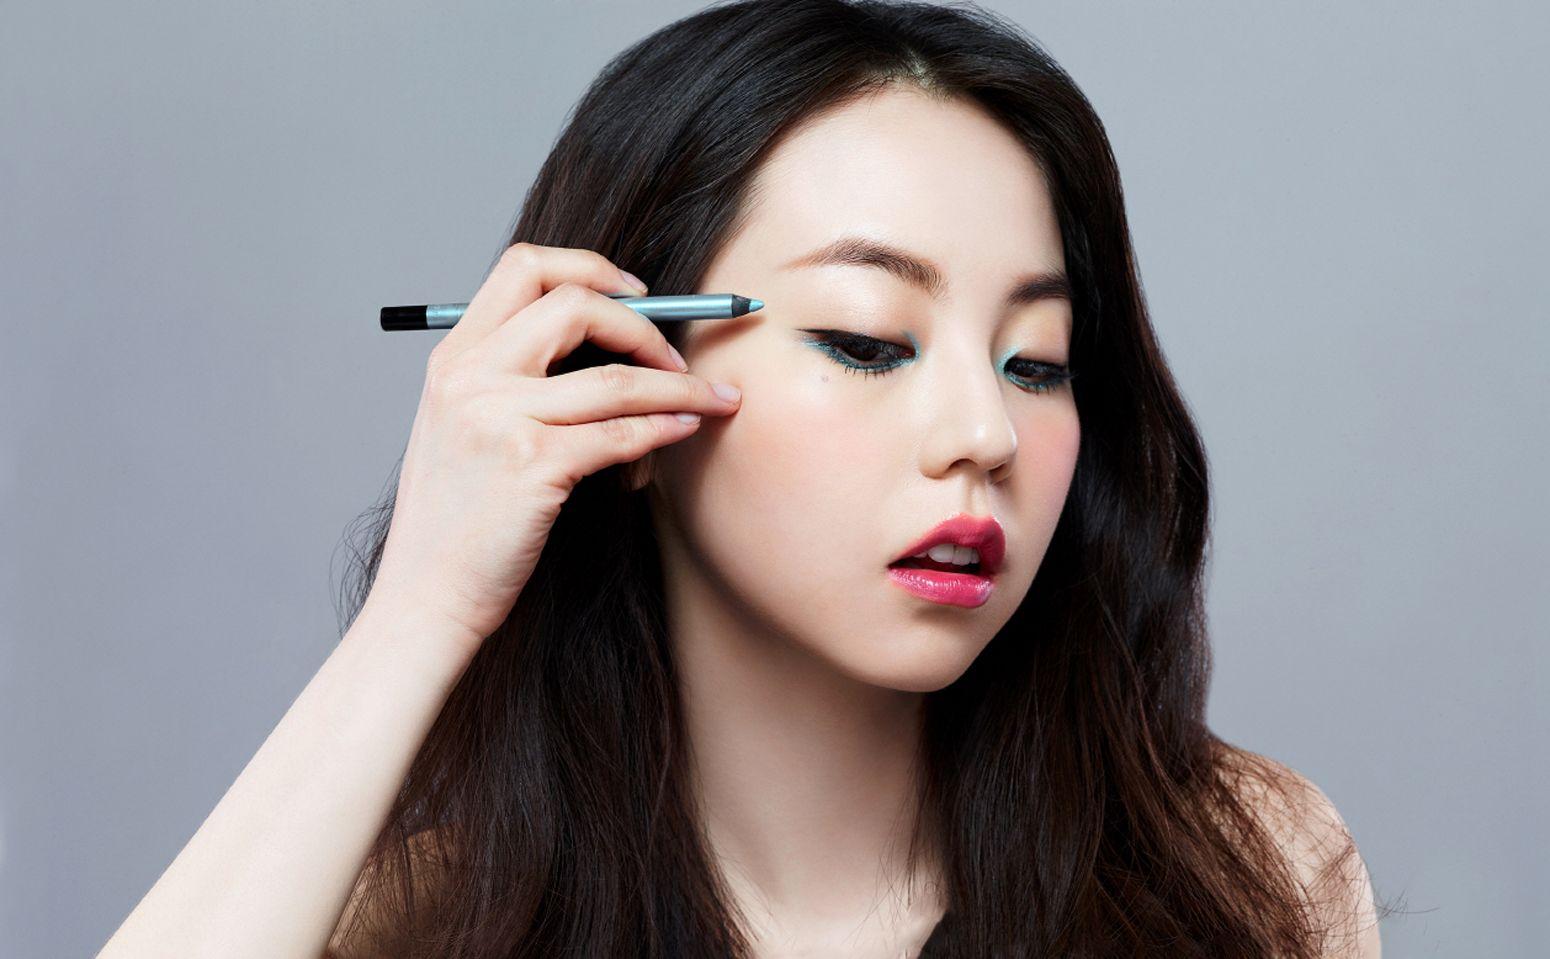 Imagini pentru sohee